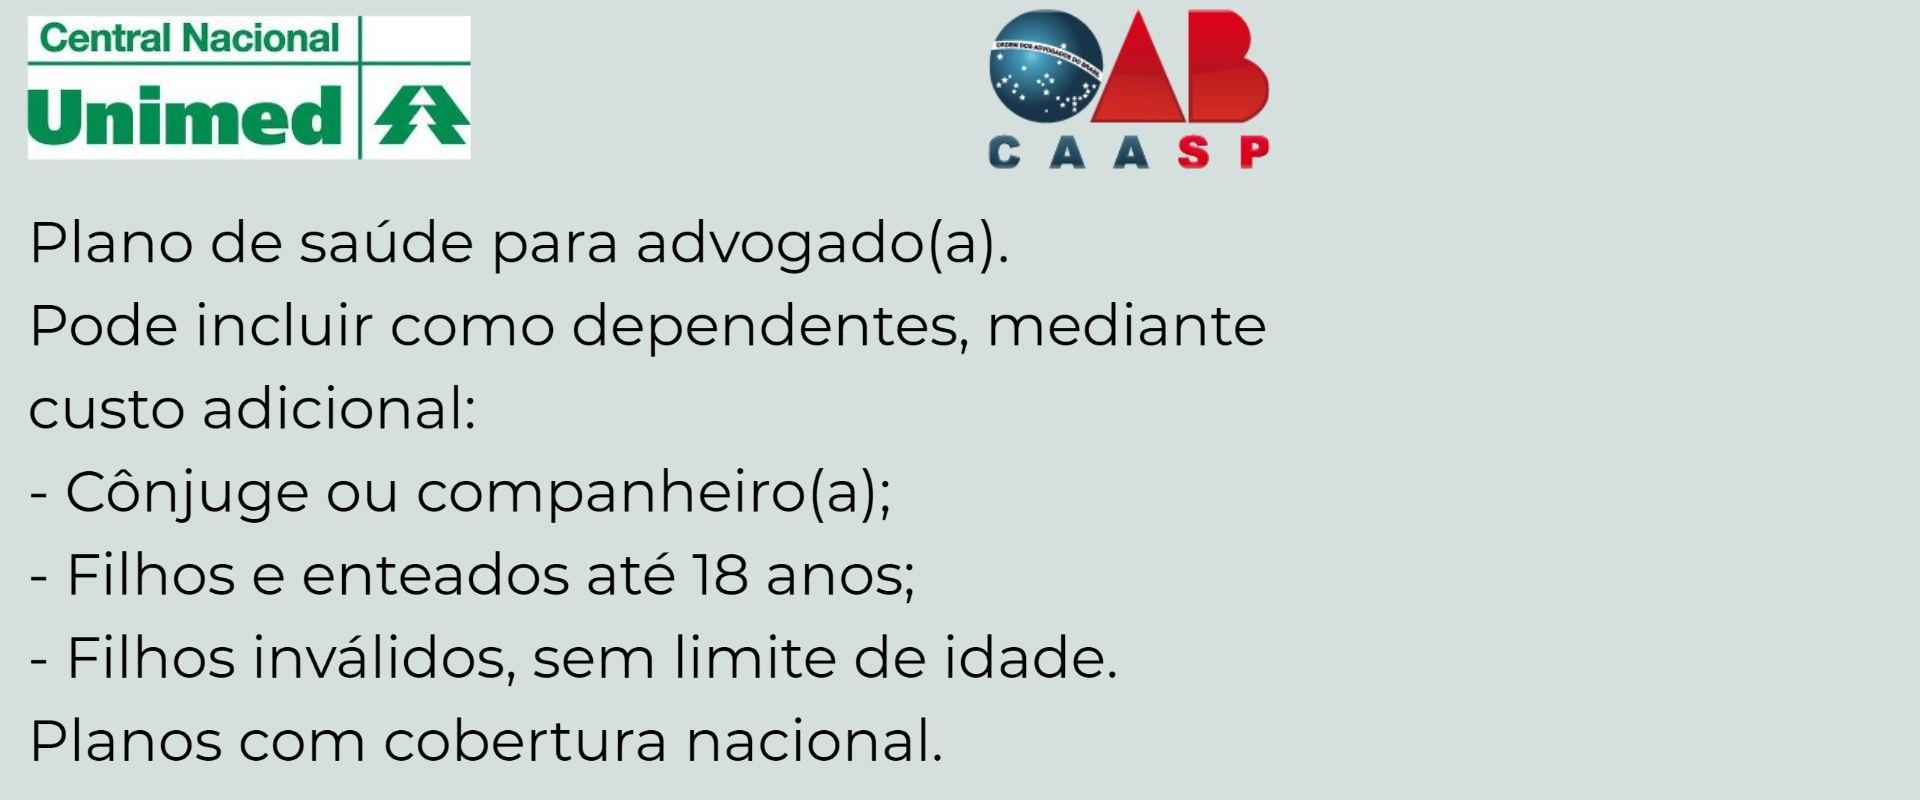 Unimed CAASP Marília